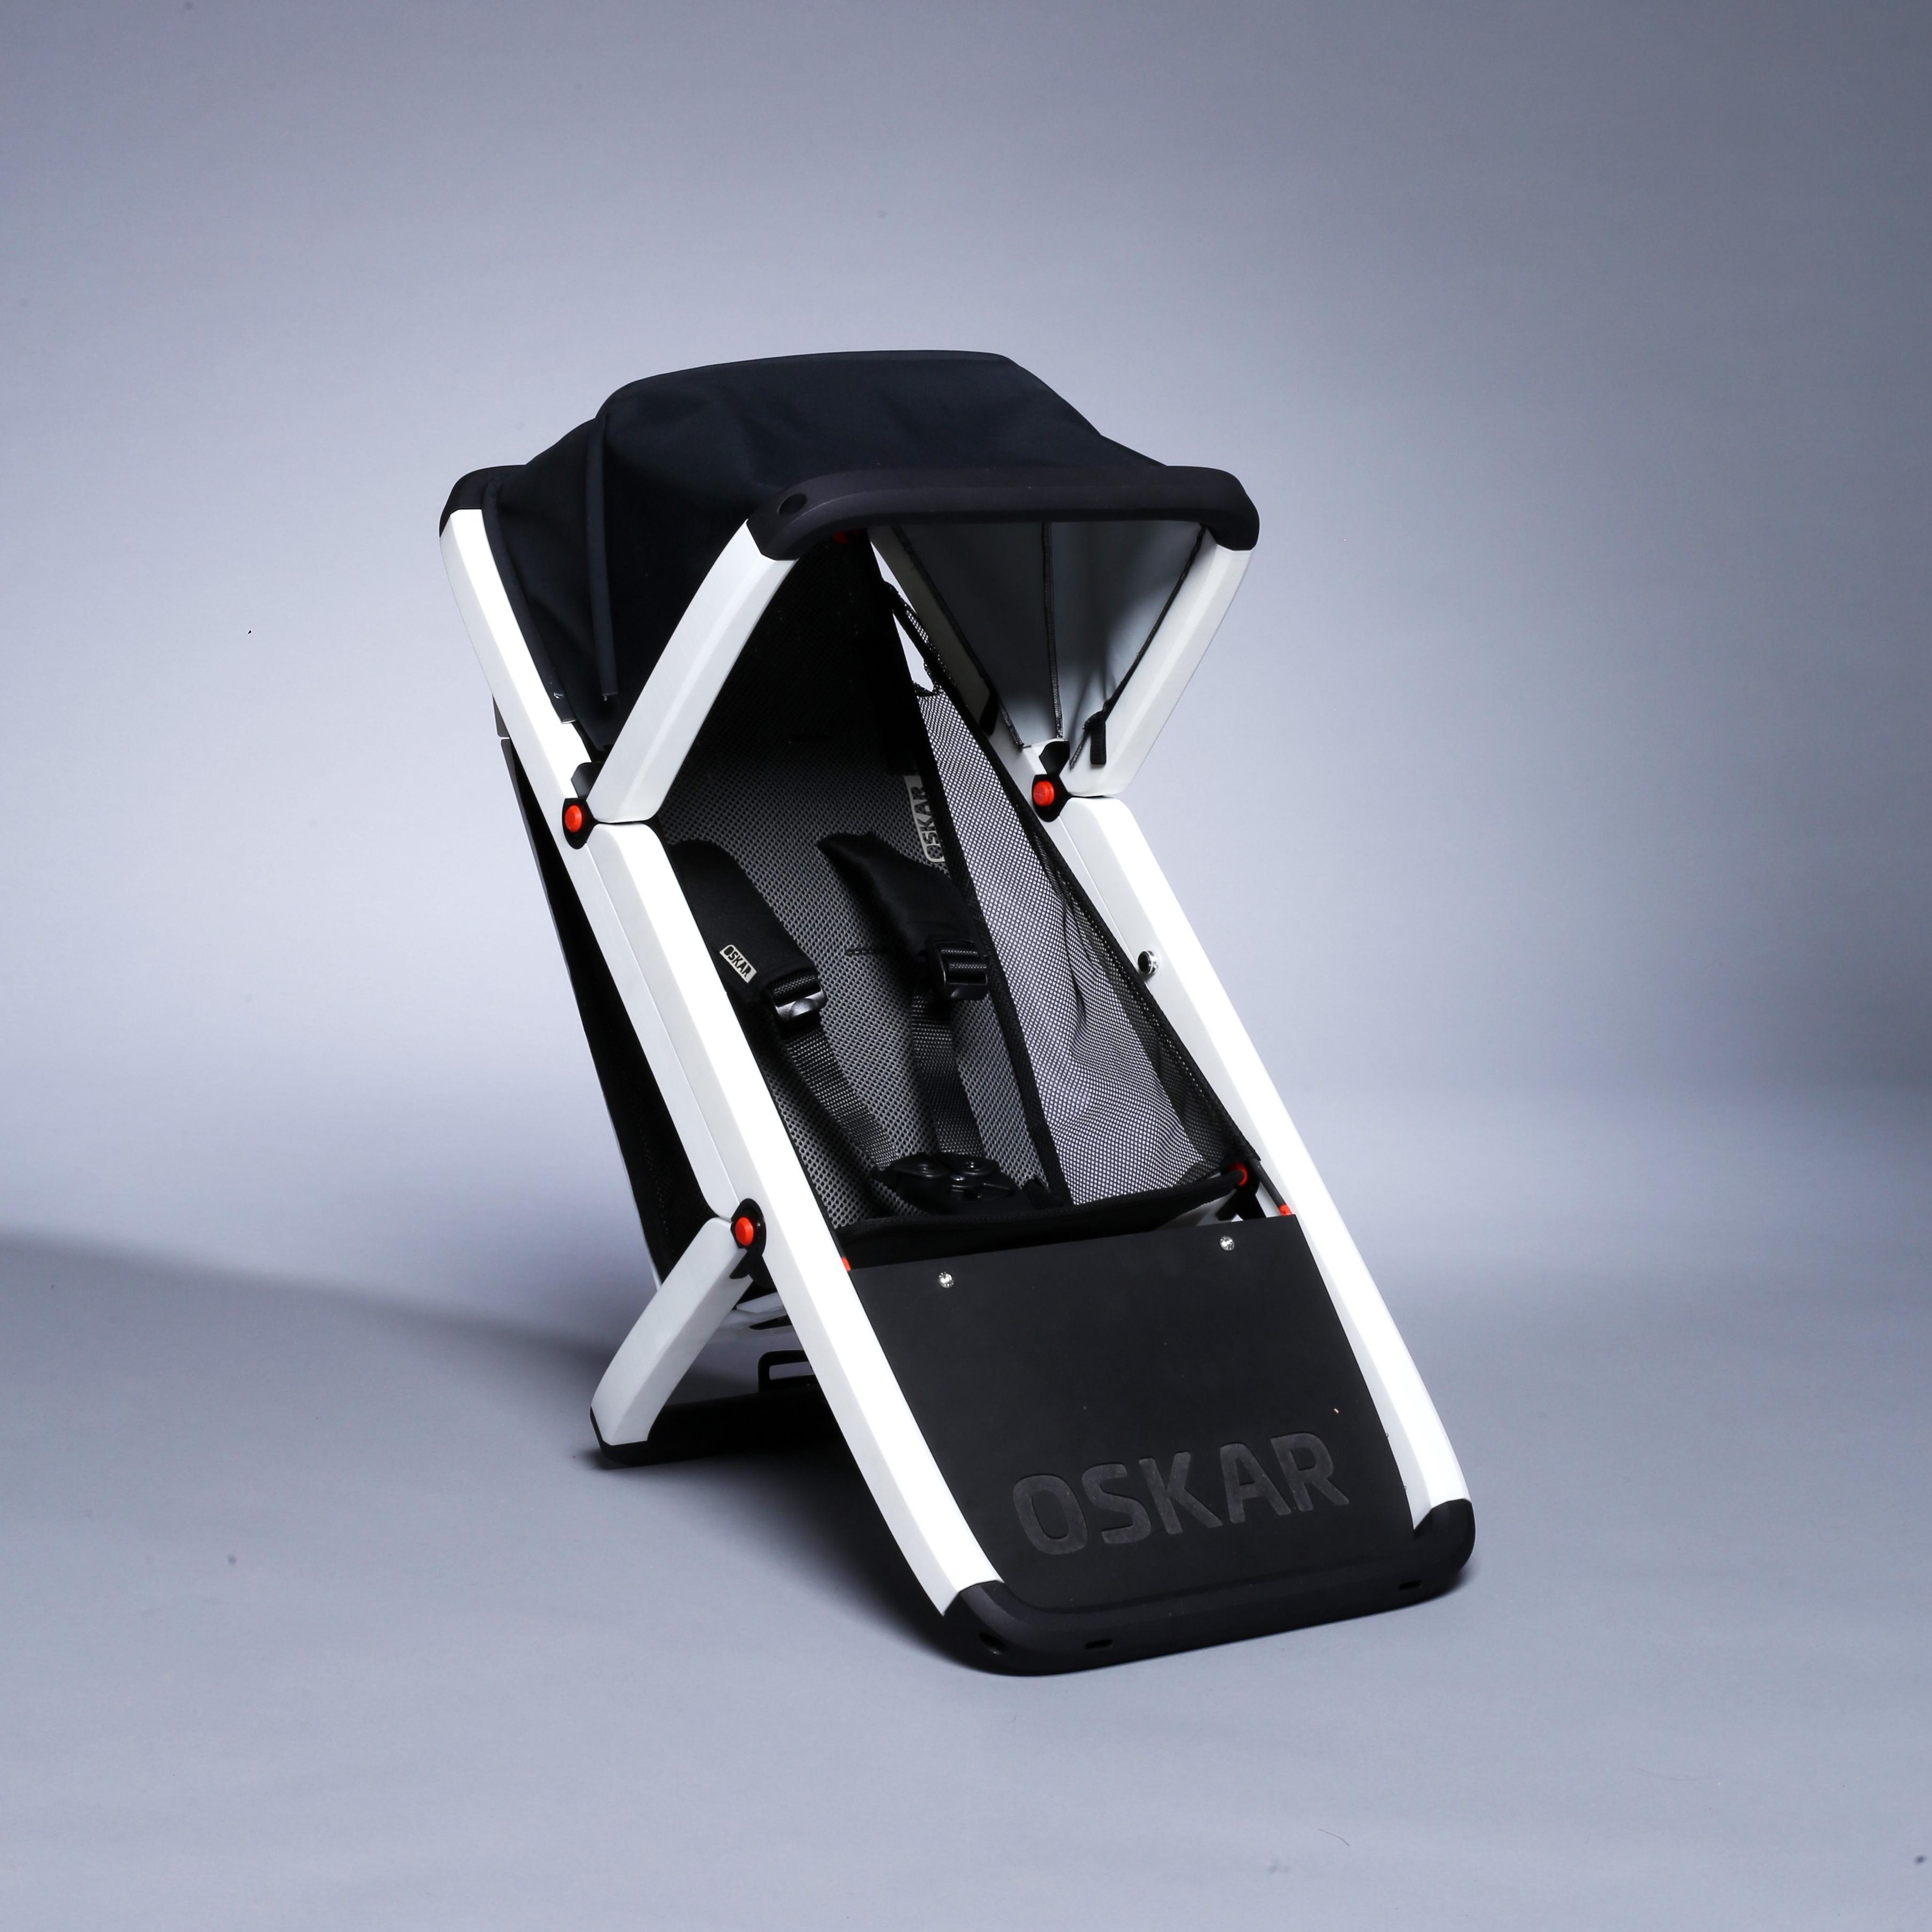 OSKAR – Der Kindersitz für intermodale Routen. Leicht, Komfortabel, Sicher